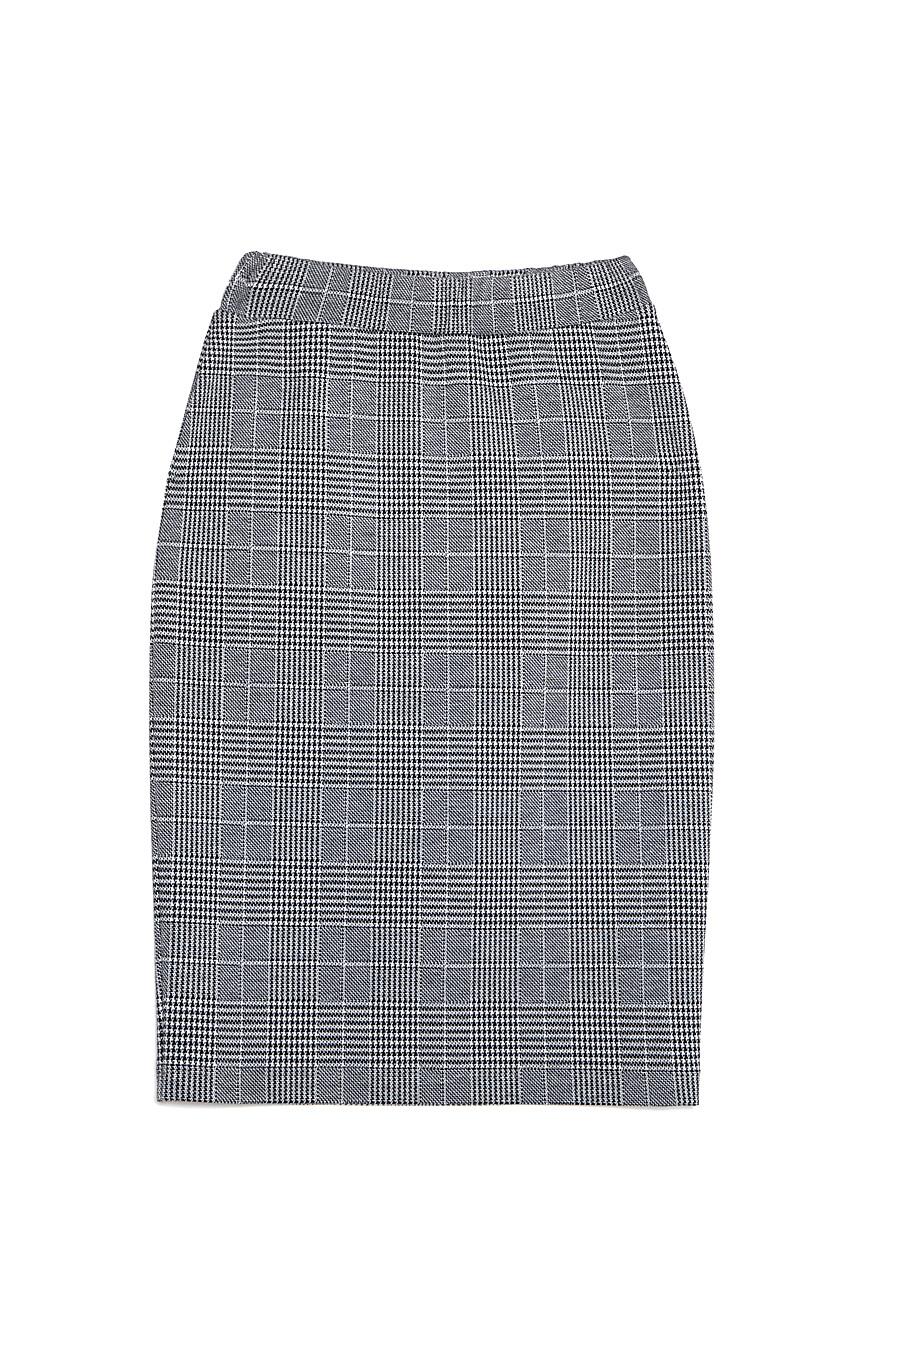 Юбка для женщин CONTE ELEGANT 148340 купить оптом от производителя. Совместная покупка женской одежды в OptMoyo